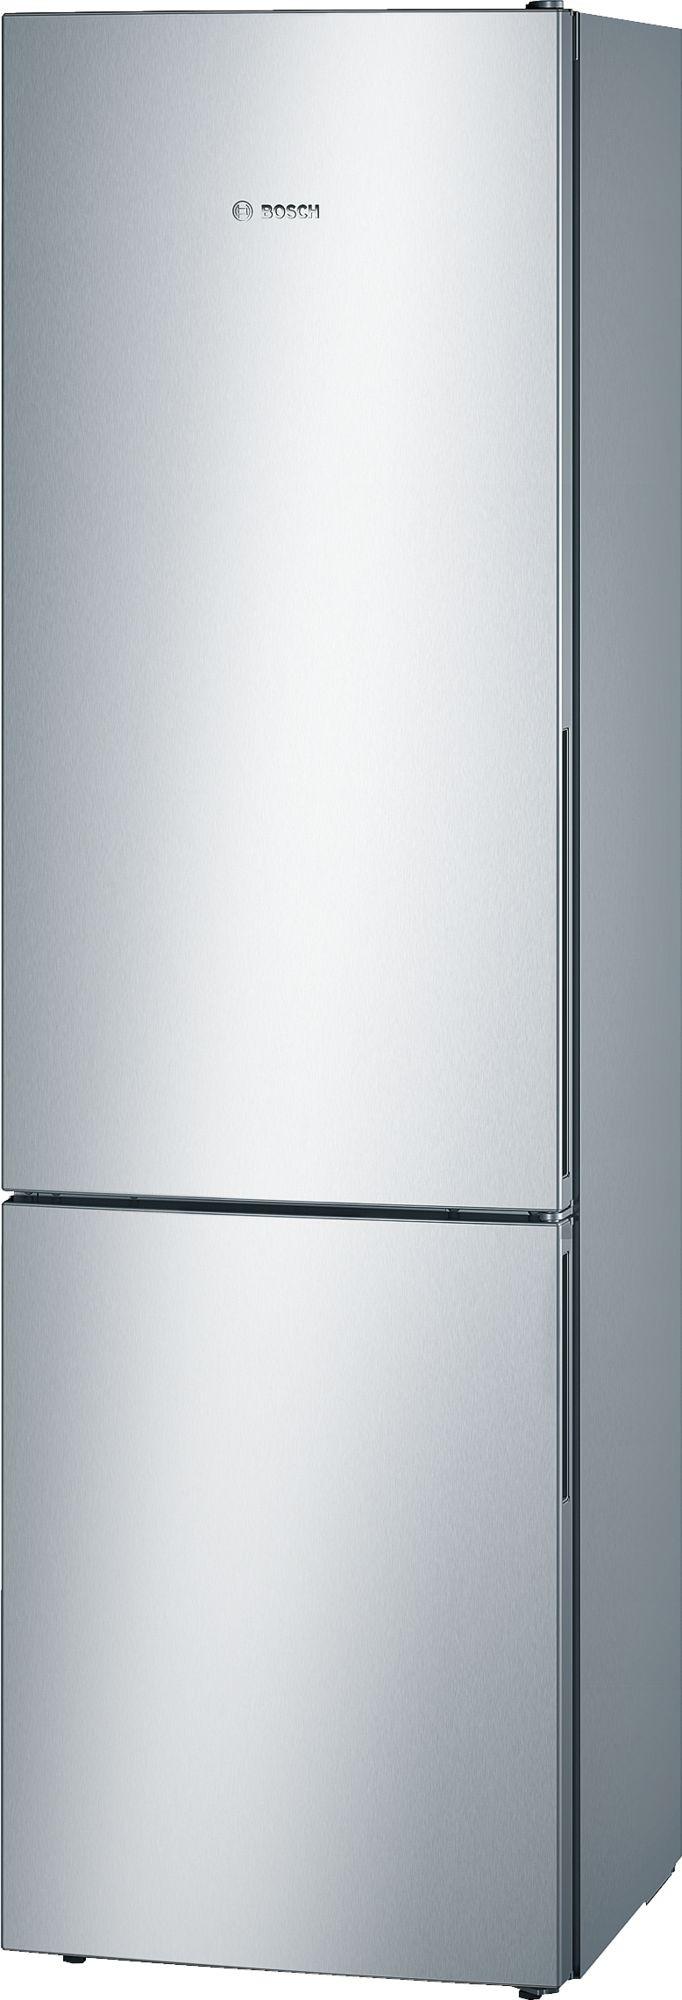 инструкция к холодильнику bosch kgv39vw30